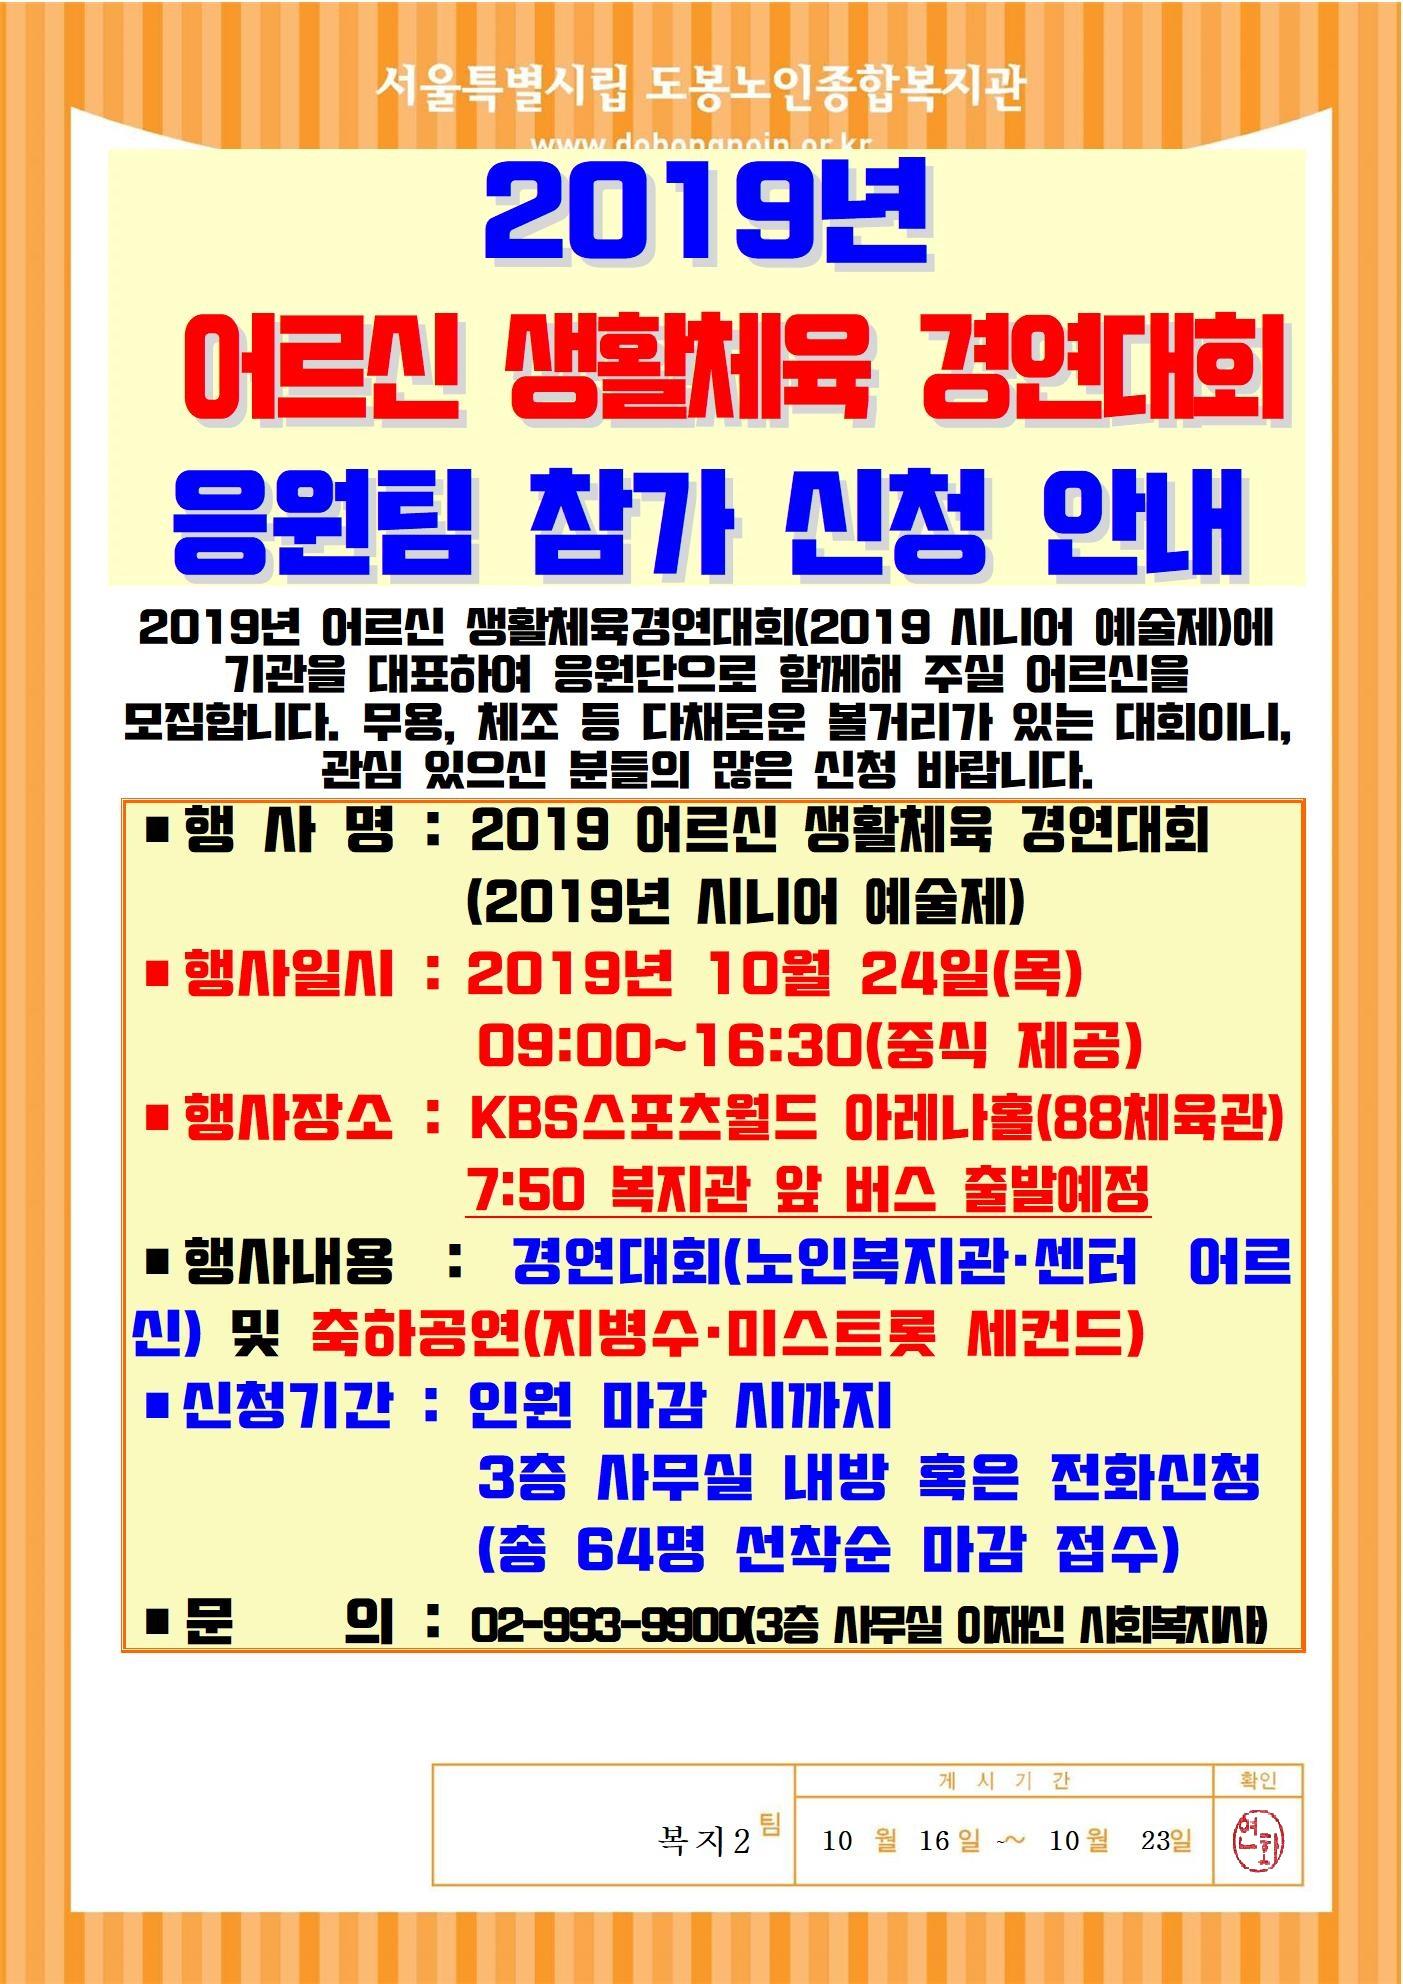 어르신 생활체육 경연대회 응원팀 참가신청001.jpg